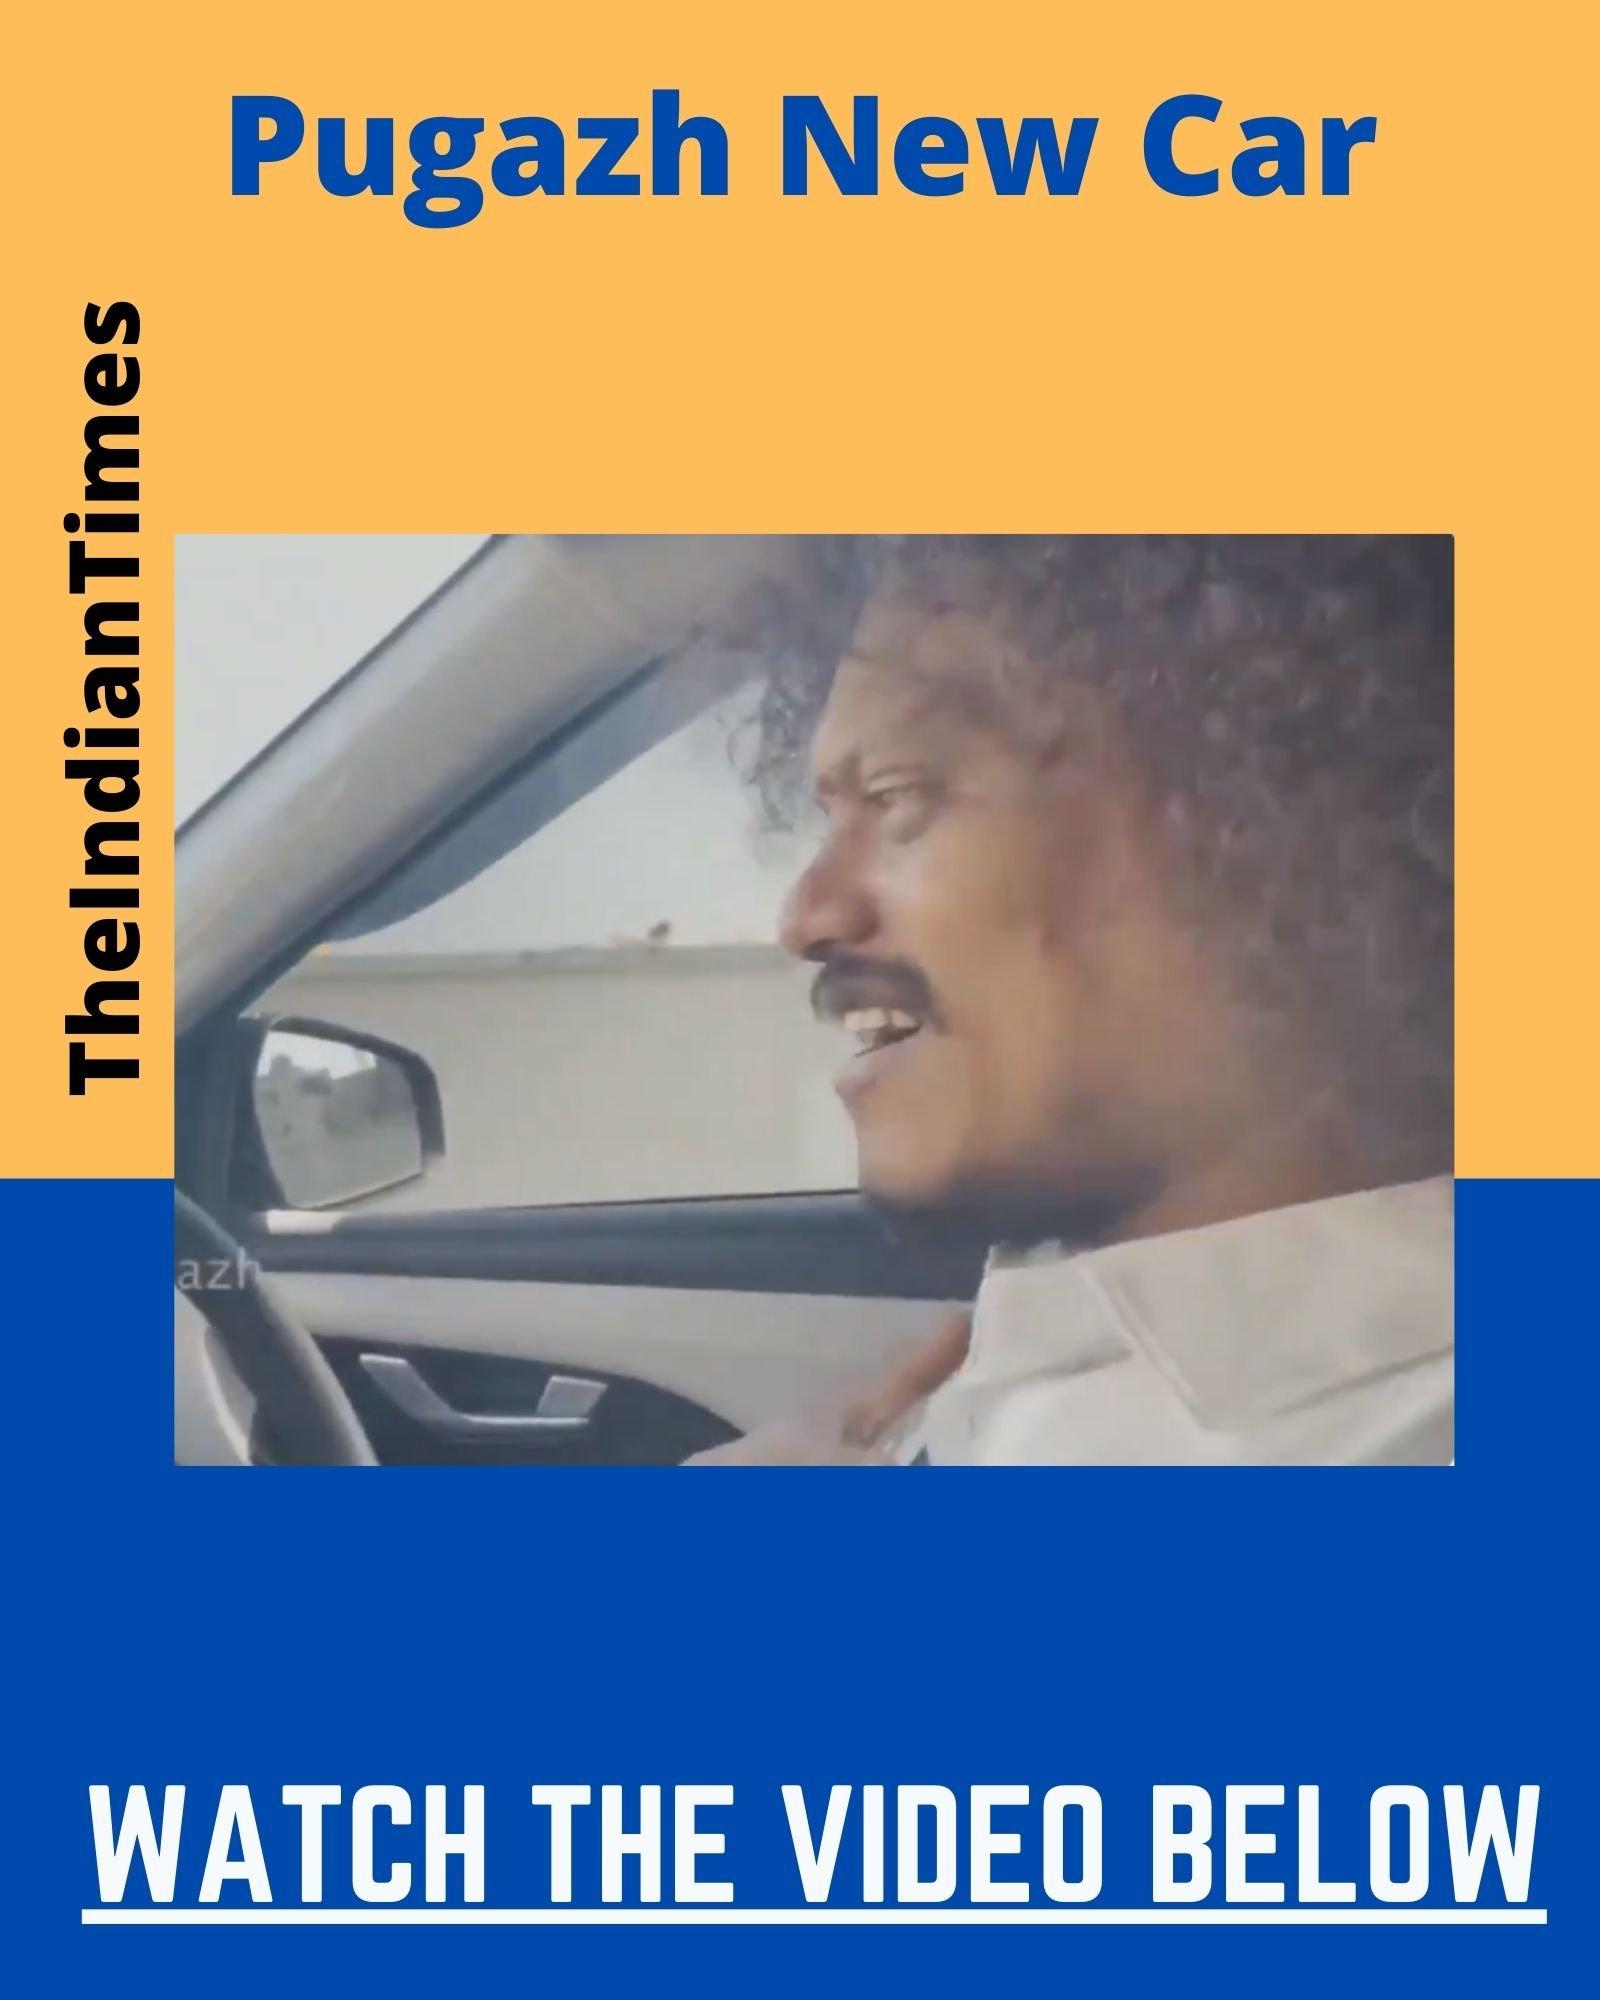 புது கார் வாங்கி கெத்தா ஓட்டிட்டு போன புகழ் - வைரல் வீடியோ 7